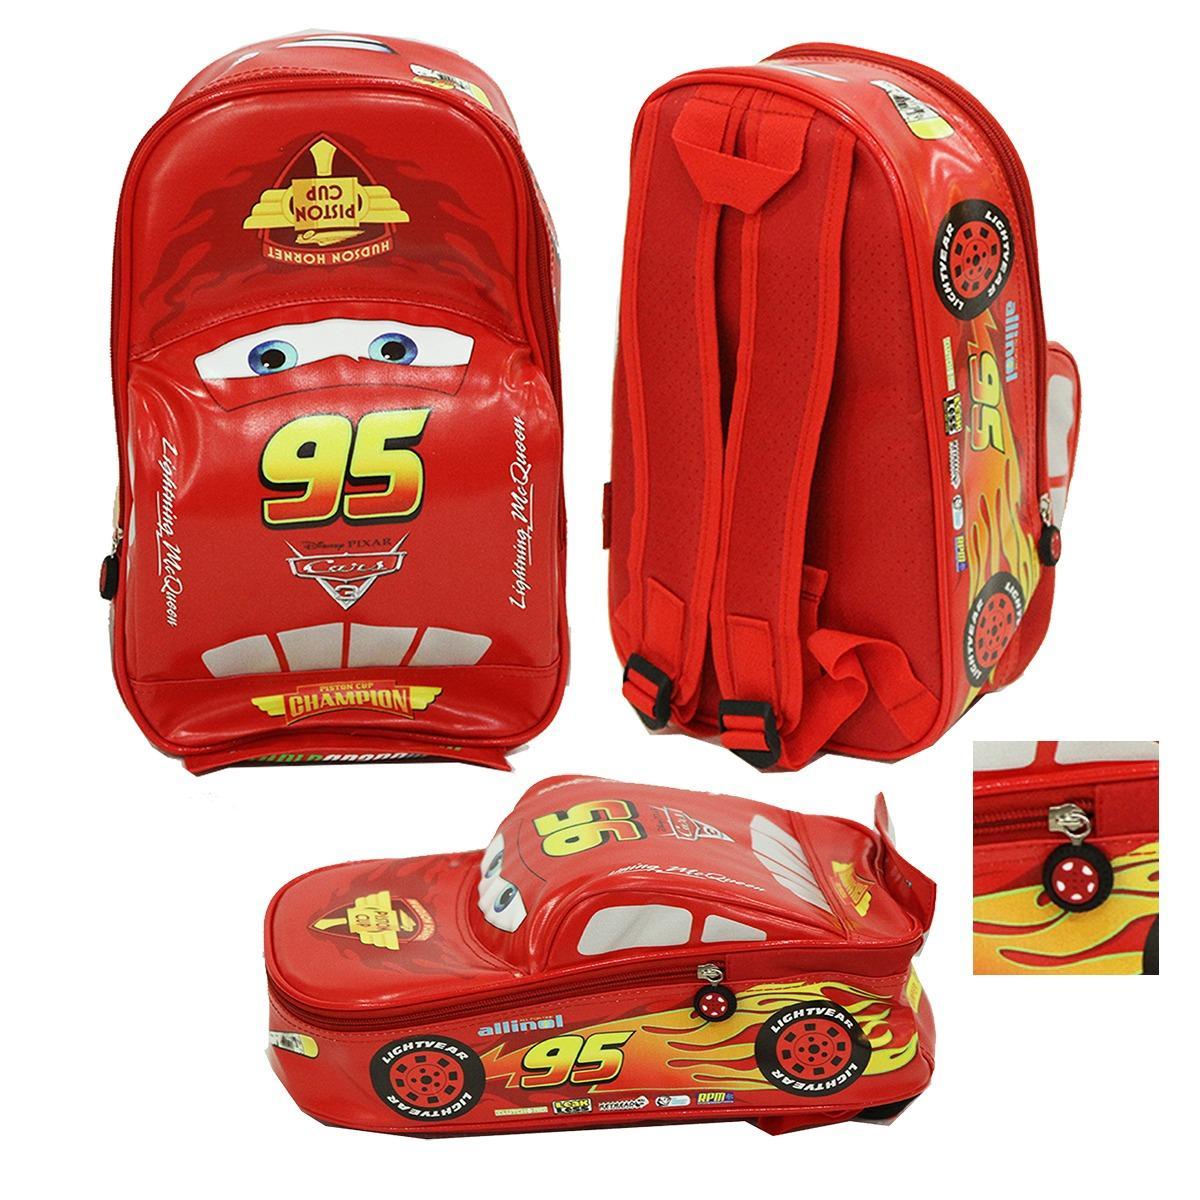 Onlan CARS McQueen TAS MURAH Ransel Anak Sekolah PAUT Bentuk Mobil Bahan Kain Sponge Tahan Air